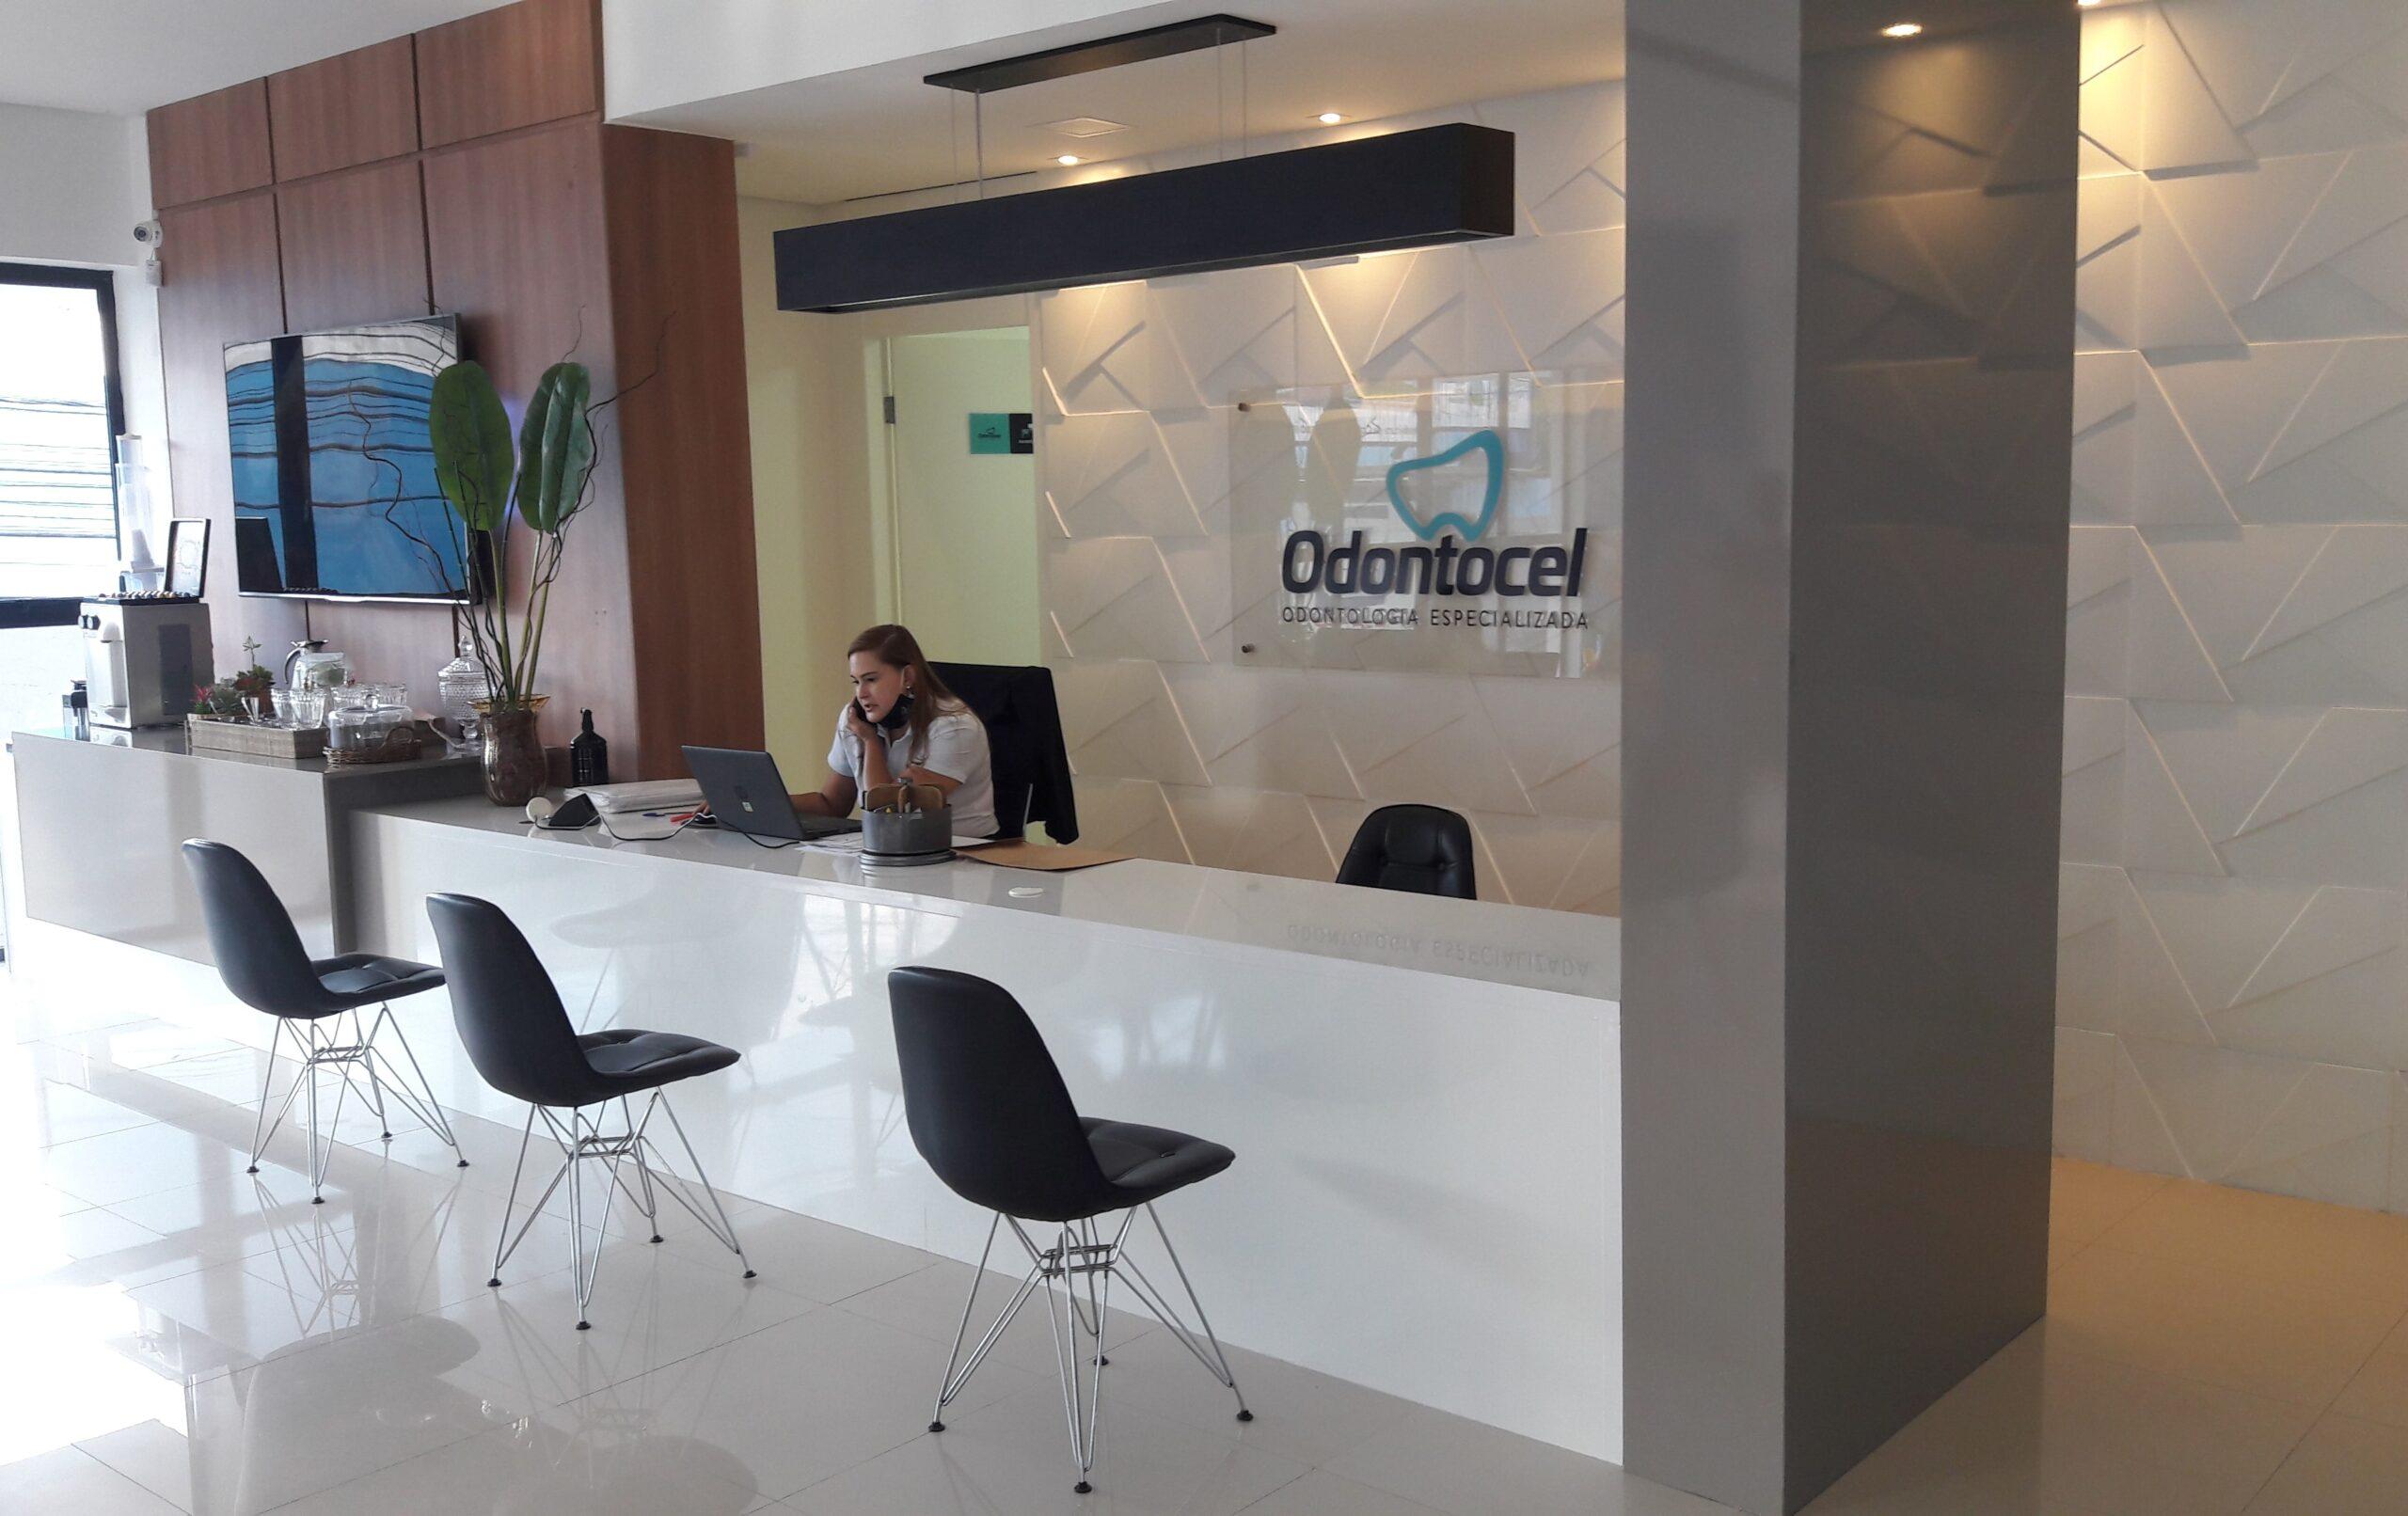 ODONTOCEL Odontologia Especializada